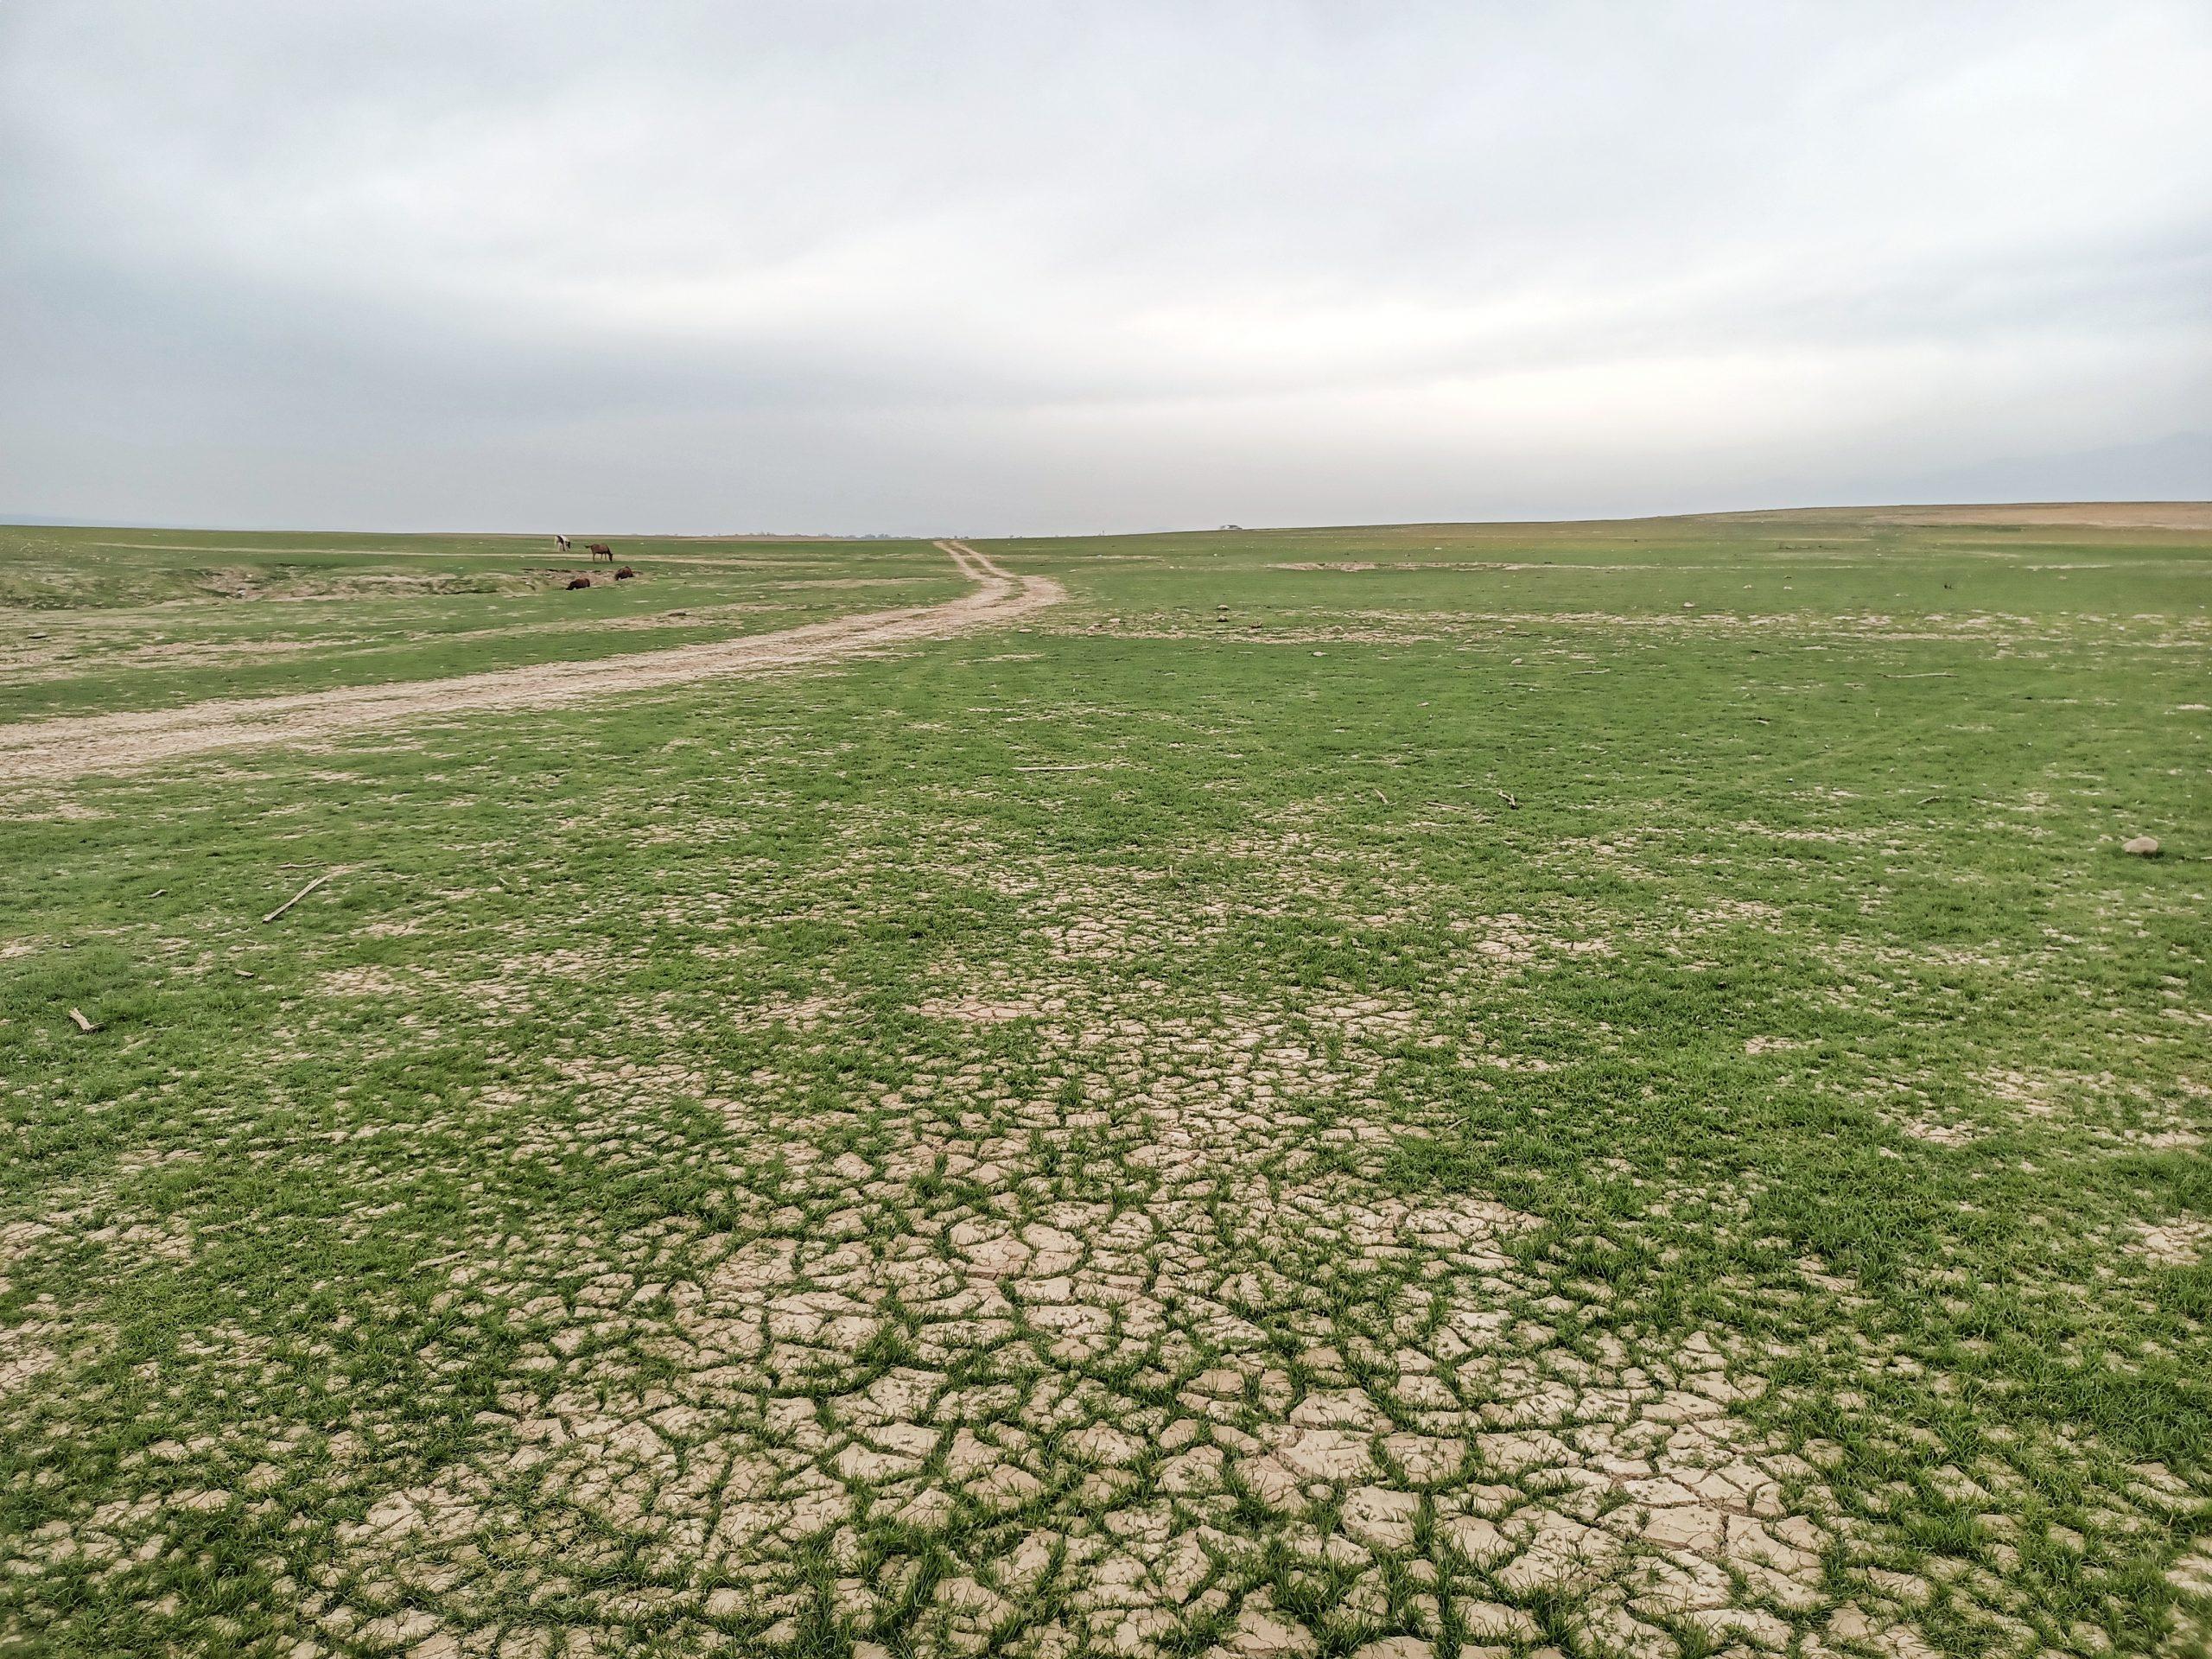 A plain land